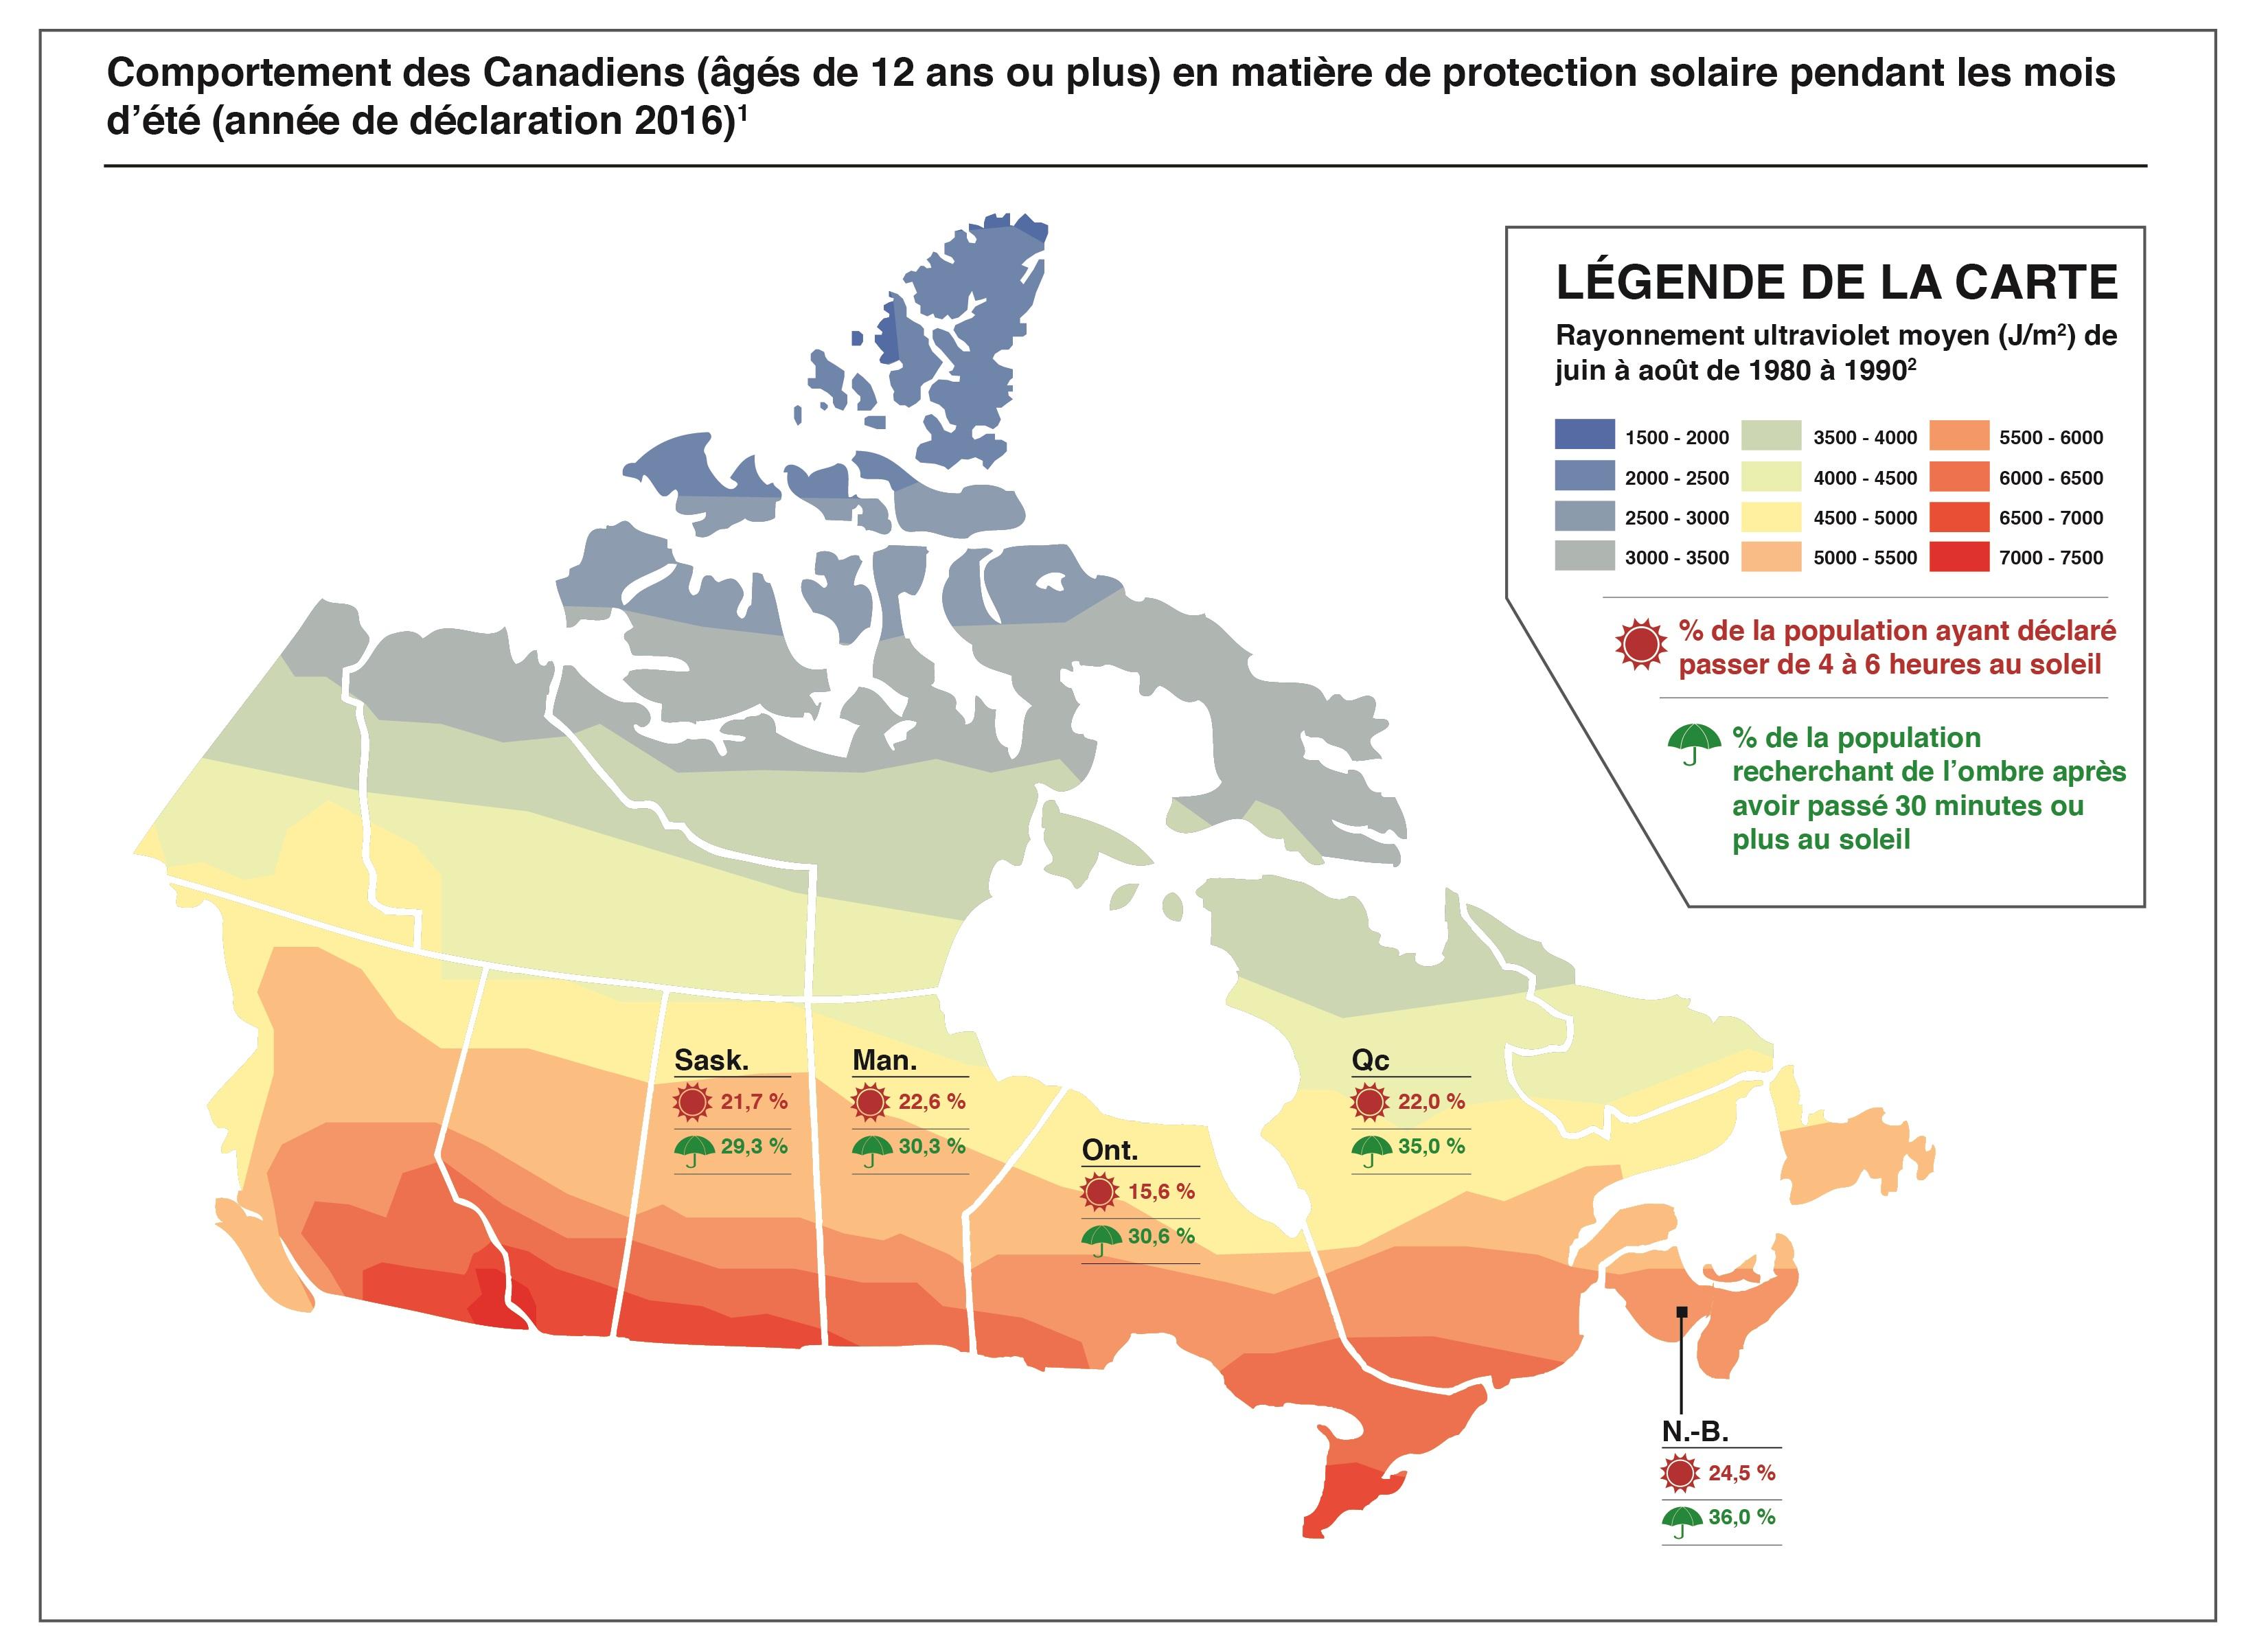 La carte du Canada indique le pourcentage de la population ayant déclaré passer de 4 à 6 heures au soleil, et le pourcentage de la population ayant recherché de l'ombre après 30 minutes ou plus d'exposition au soleil, au Nouveau-Brunswick, au Québec, en Ontario, au Manitoba et en Saskatchewan seulement. Saskatchewan : 21,7 % de la population s'expose au soleil pendant 4 à 6 heures; 29,3 % de la population recherche de l'ombre après 30 minutes ou plus d'exposition au soleil Manitoba : 22,6 % de la population s'expose au soleil pendant 4 à 6 heures; 30,3 % de la population recherche de l'ombre après 30 minutes ou plus d'exposition au soleil Ontario : 15,6 % de la population s'expose au soleil pendant 4 à 6 heures; 30,6 % de la population recherche de l'ombre après 30 minutes ou plus d'exposition au soleil Québec : 22,0 % de la population s'expose au soleil pendant 4 à 6 heures; 35,0 % de la population recherche de l'ombre après 30 minutes ou plus d'exposition au soleil Nouveau-Brunswick : 24,5 % de la population s'expose au soleil pendant 4 à 6 heures; 36,0 % de la population recherche de l'ombre après 30 minutes ou plus d'exposition au soleil L'exposition aux rayonnements UV est plus élevée lors des mois d'été dans les régions les plus au sud du pays.